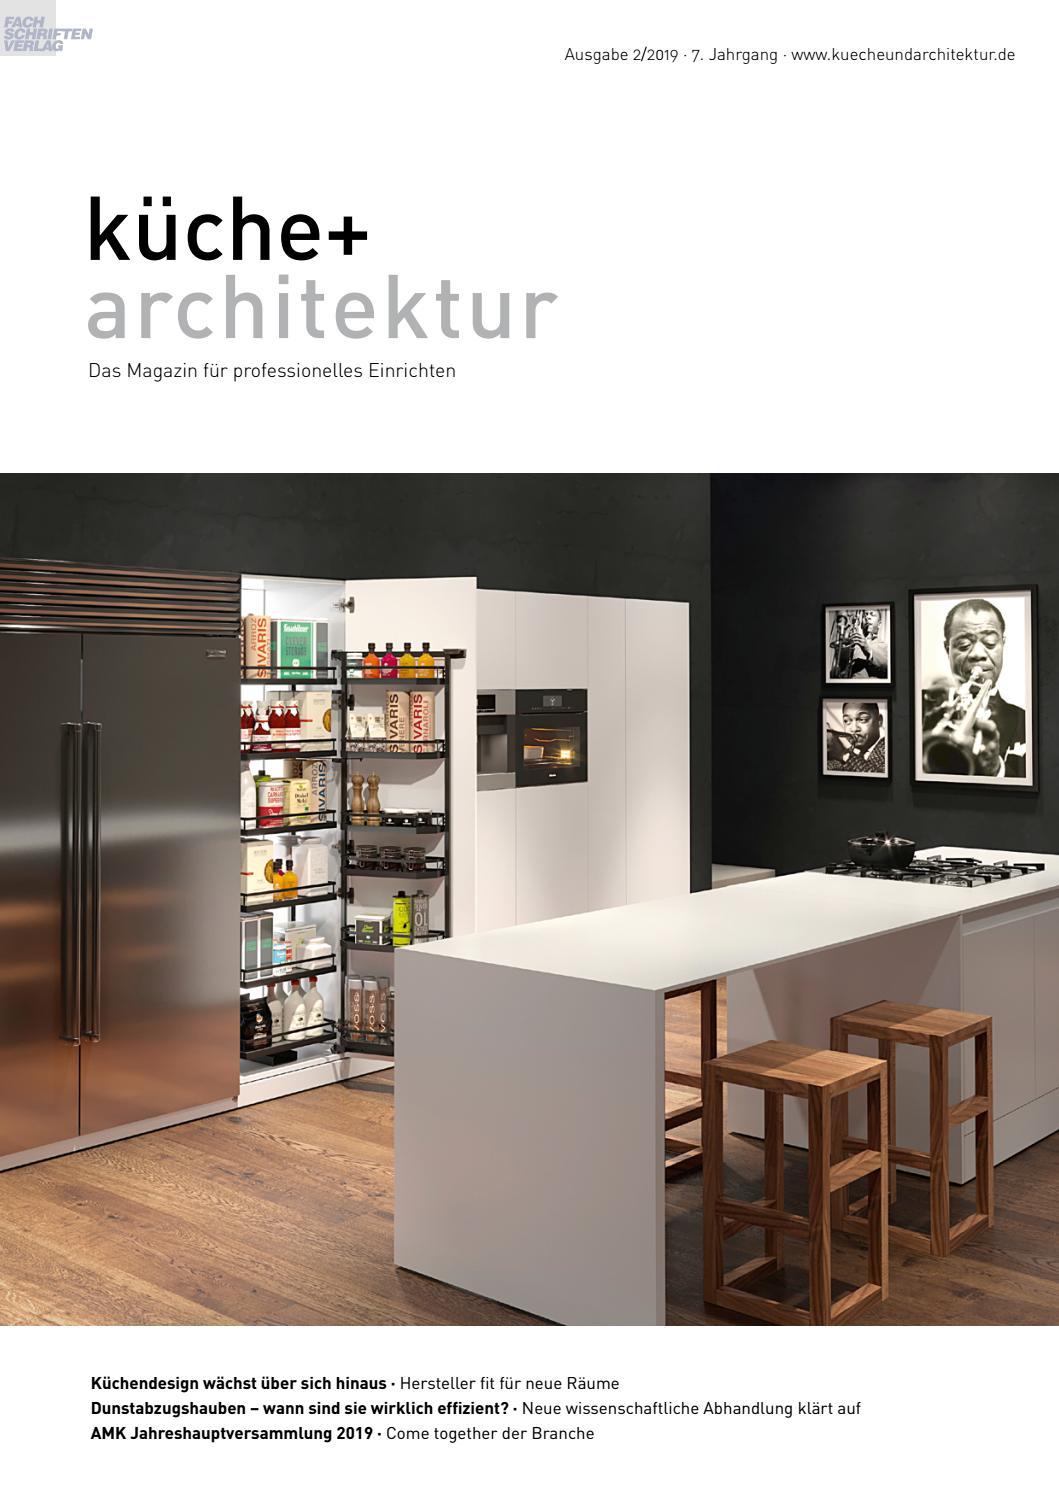 Kuche Architektur 2 2019 By Fachschriften Verlag Issuu